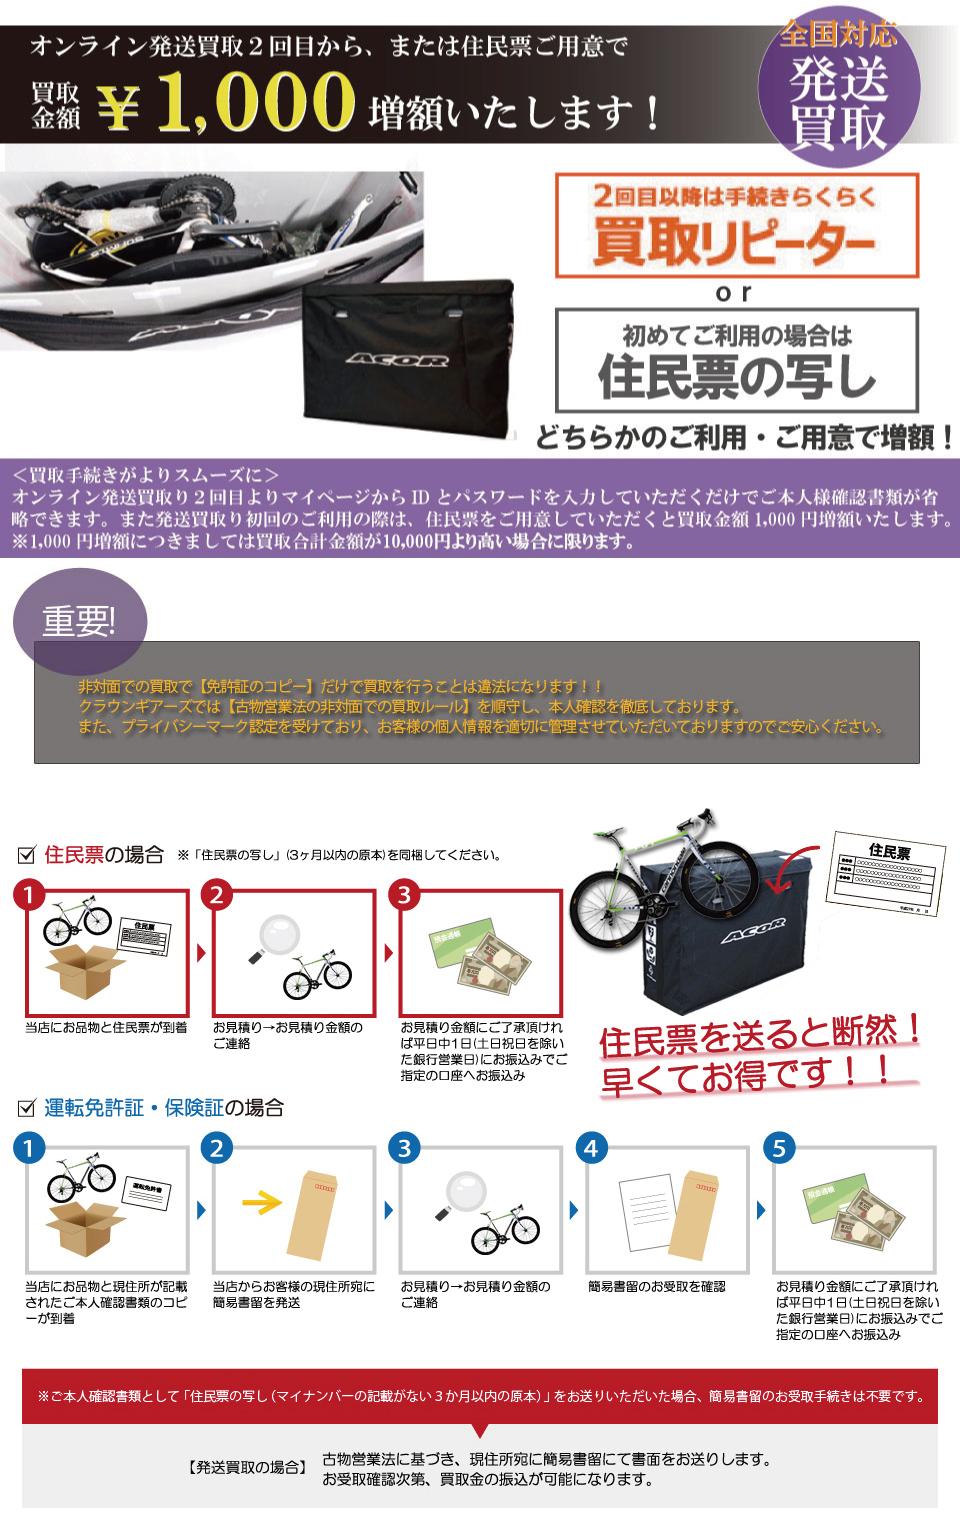 住民票同梱で買取金額1,000円アップ!